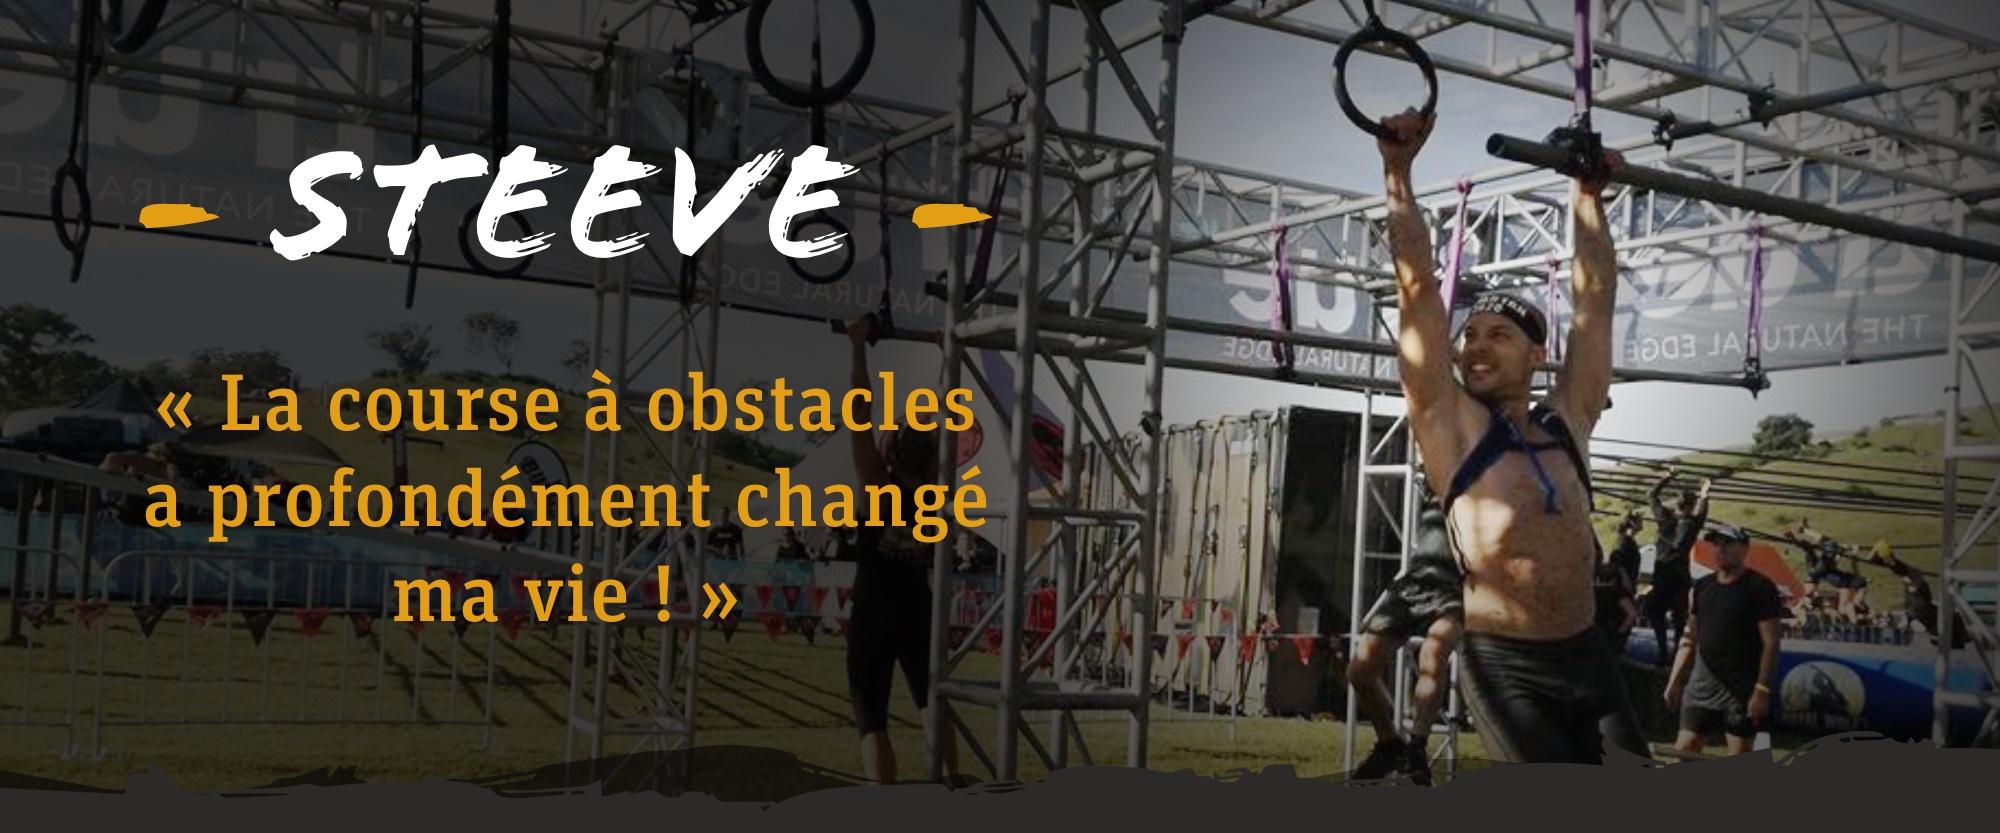 Steeve : la course à obstacles a changé ma vie !